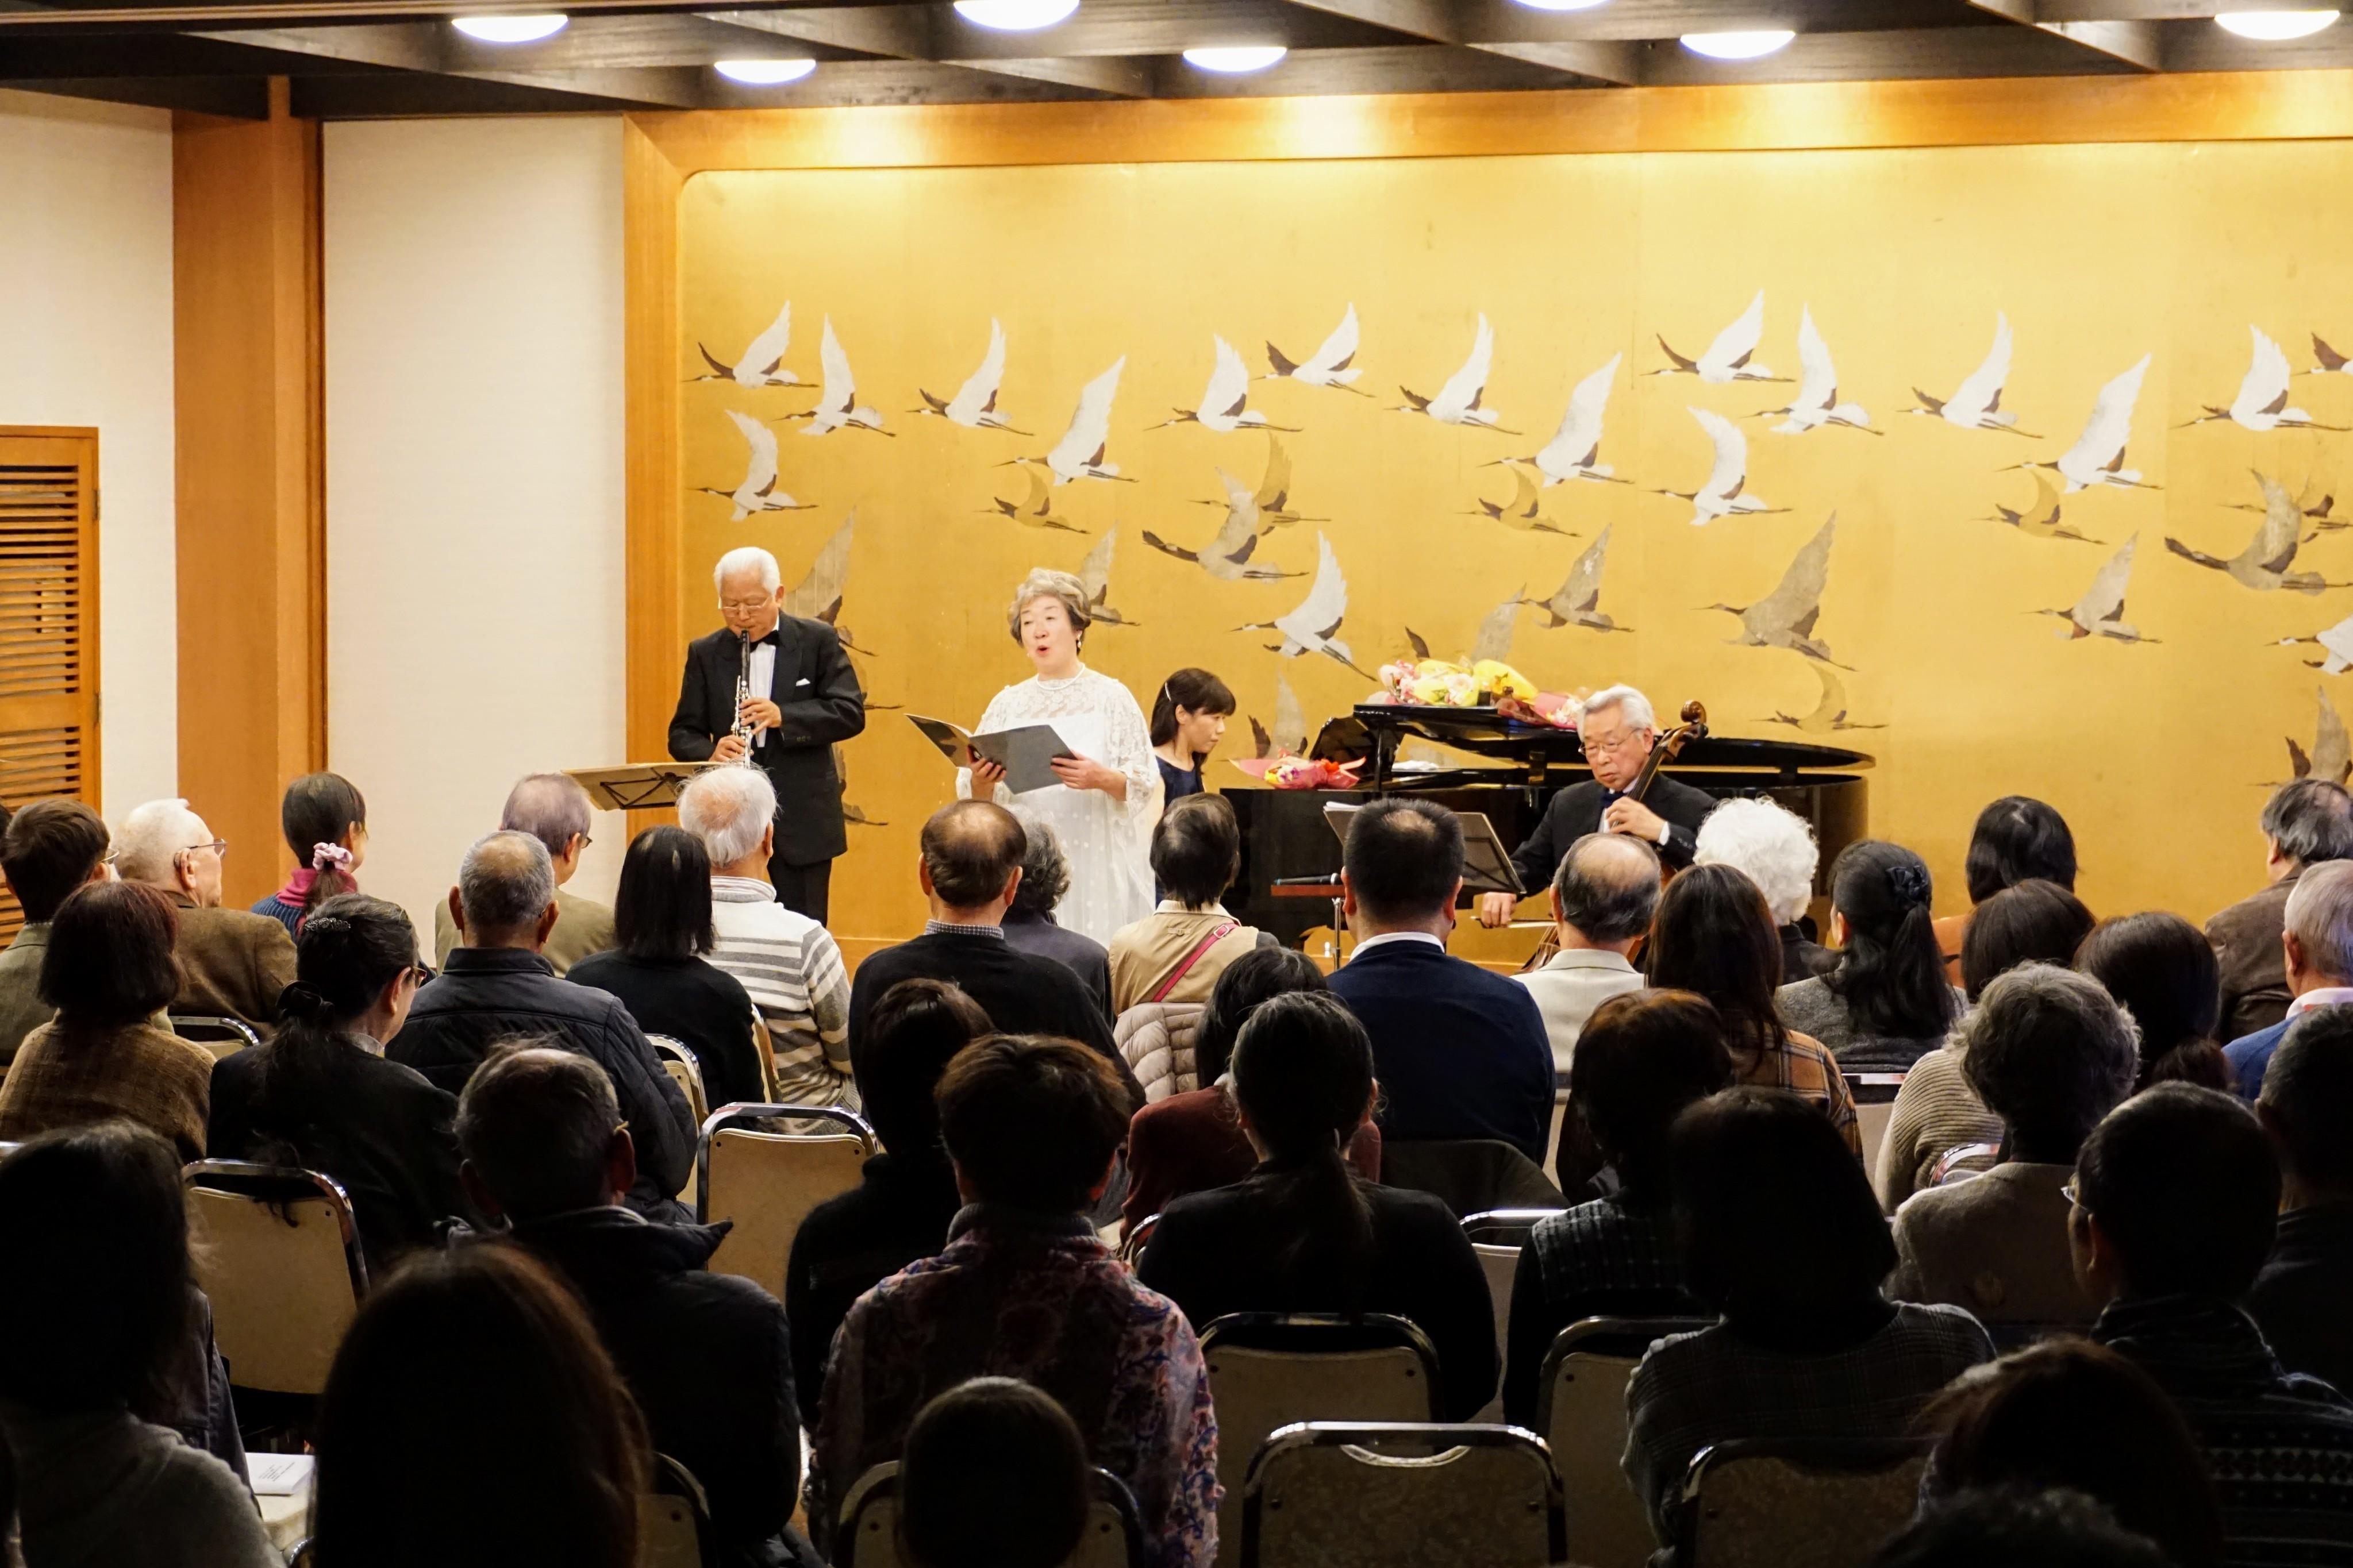 高橋貞春との楽しいコンサート